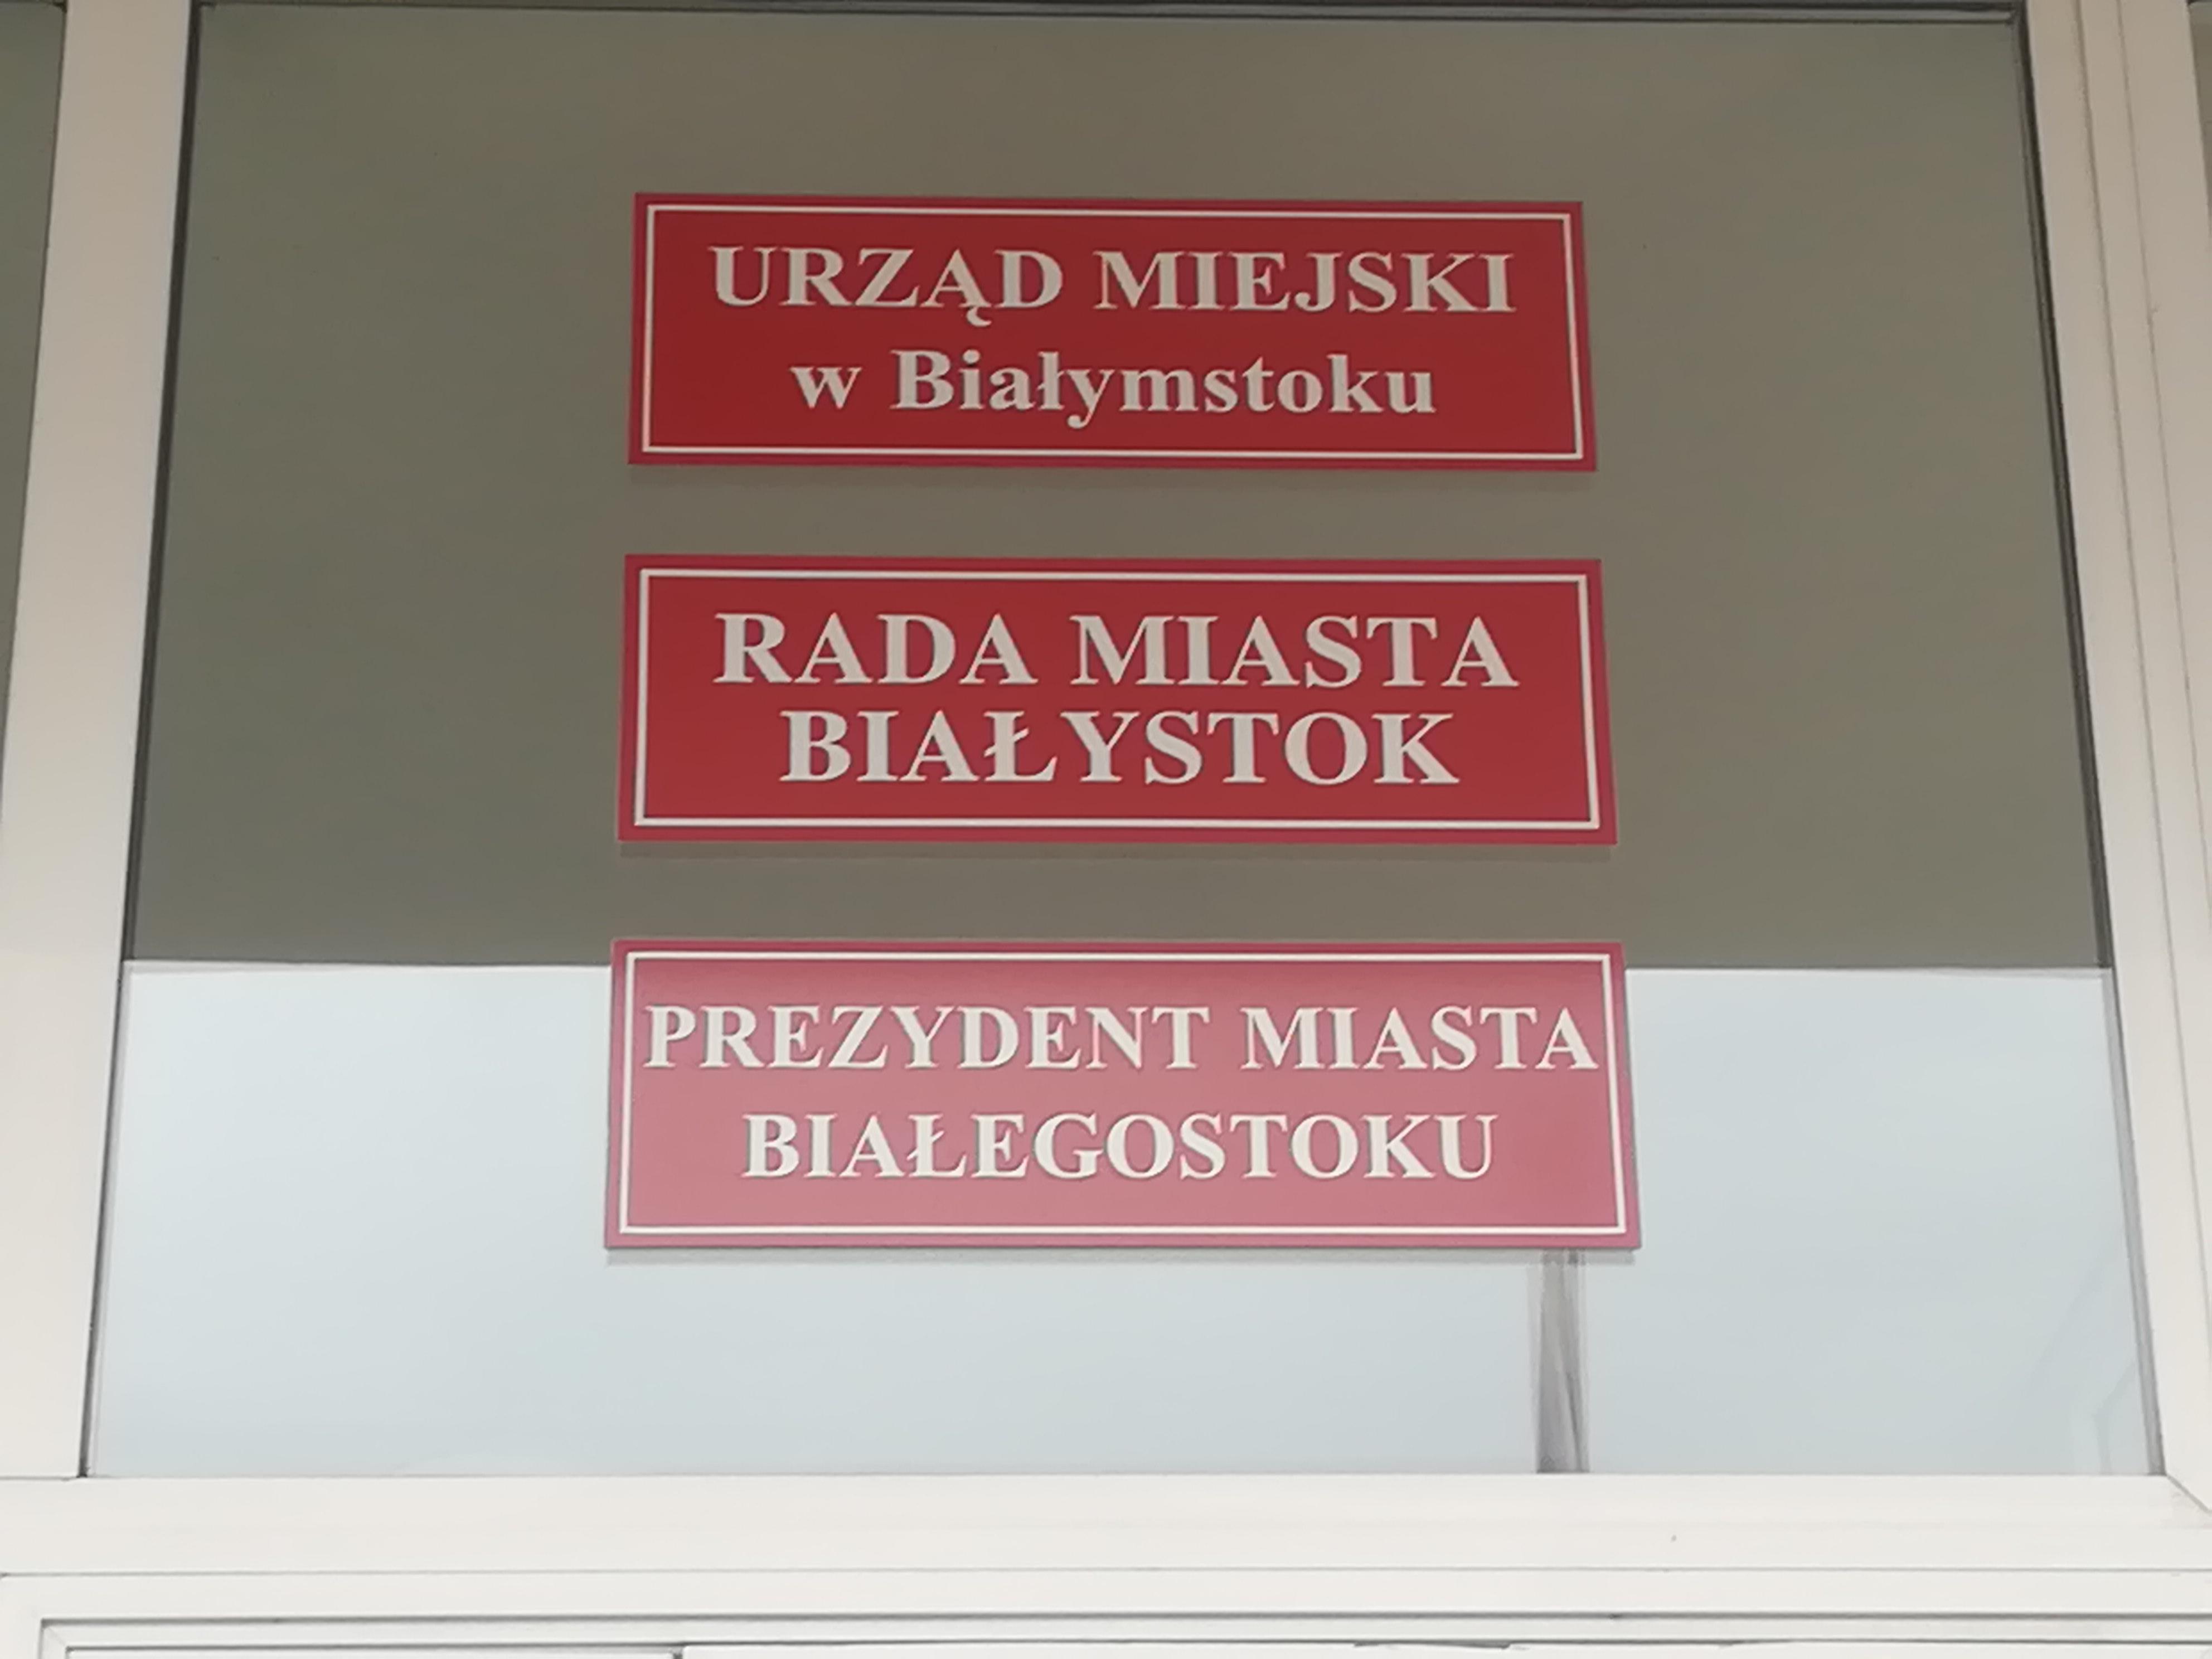 Trzy czerwone tabliczki na drzwiach budynku magistratu. Na pierwszej napisano Urząd miejski w Białymstoku, na drugiej - Rada Miasta Białystok, a na trzeciej - Prezydent Miasta Białegostoku